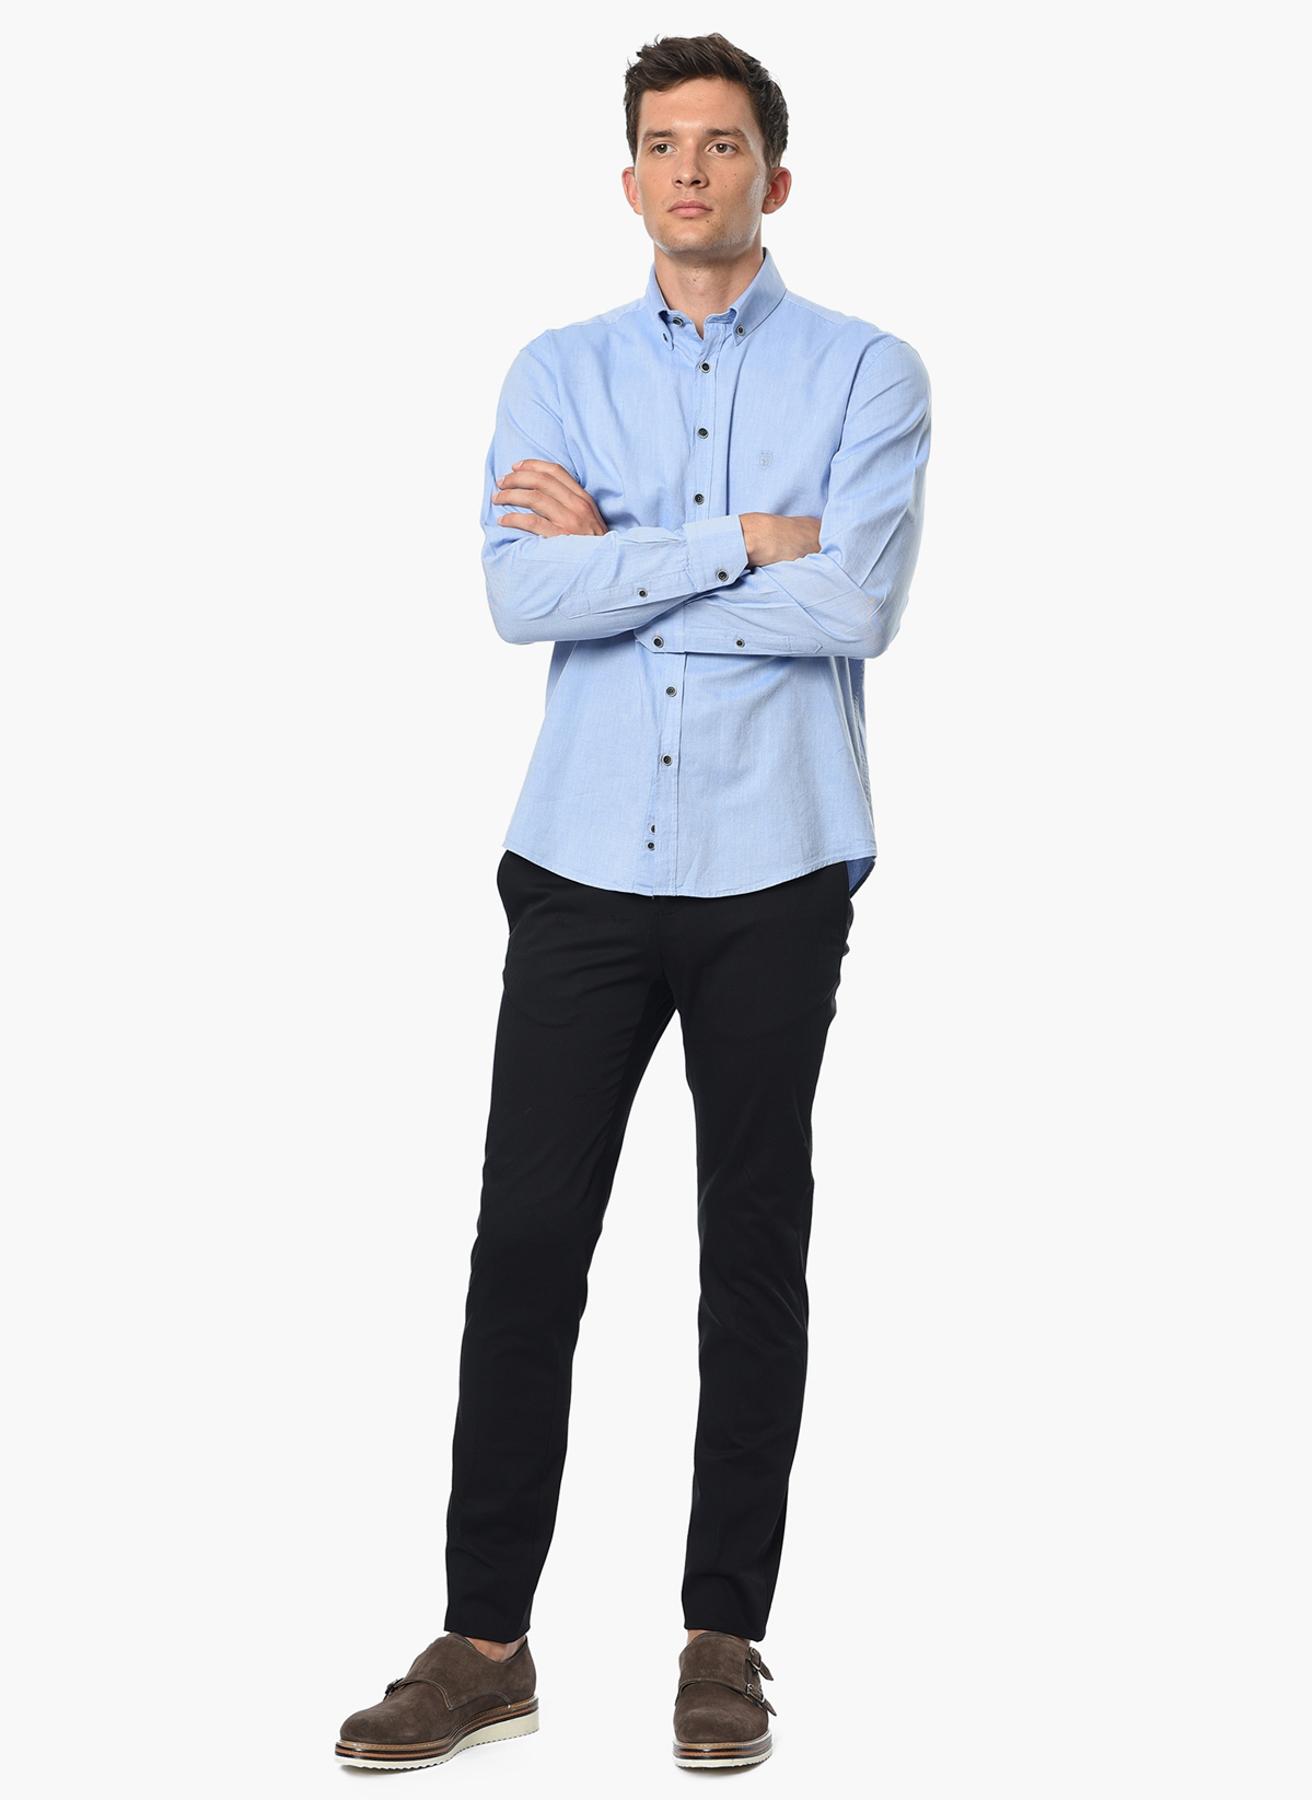 George Hogg Klasik Siyah Klasik Pantolon 46-6 5001699239001 Ürün Resmi